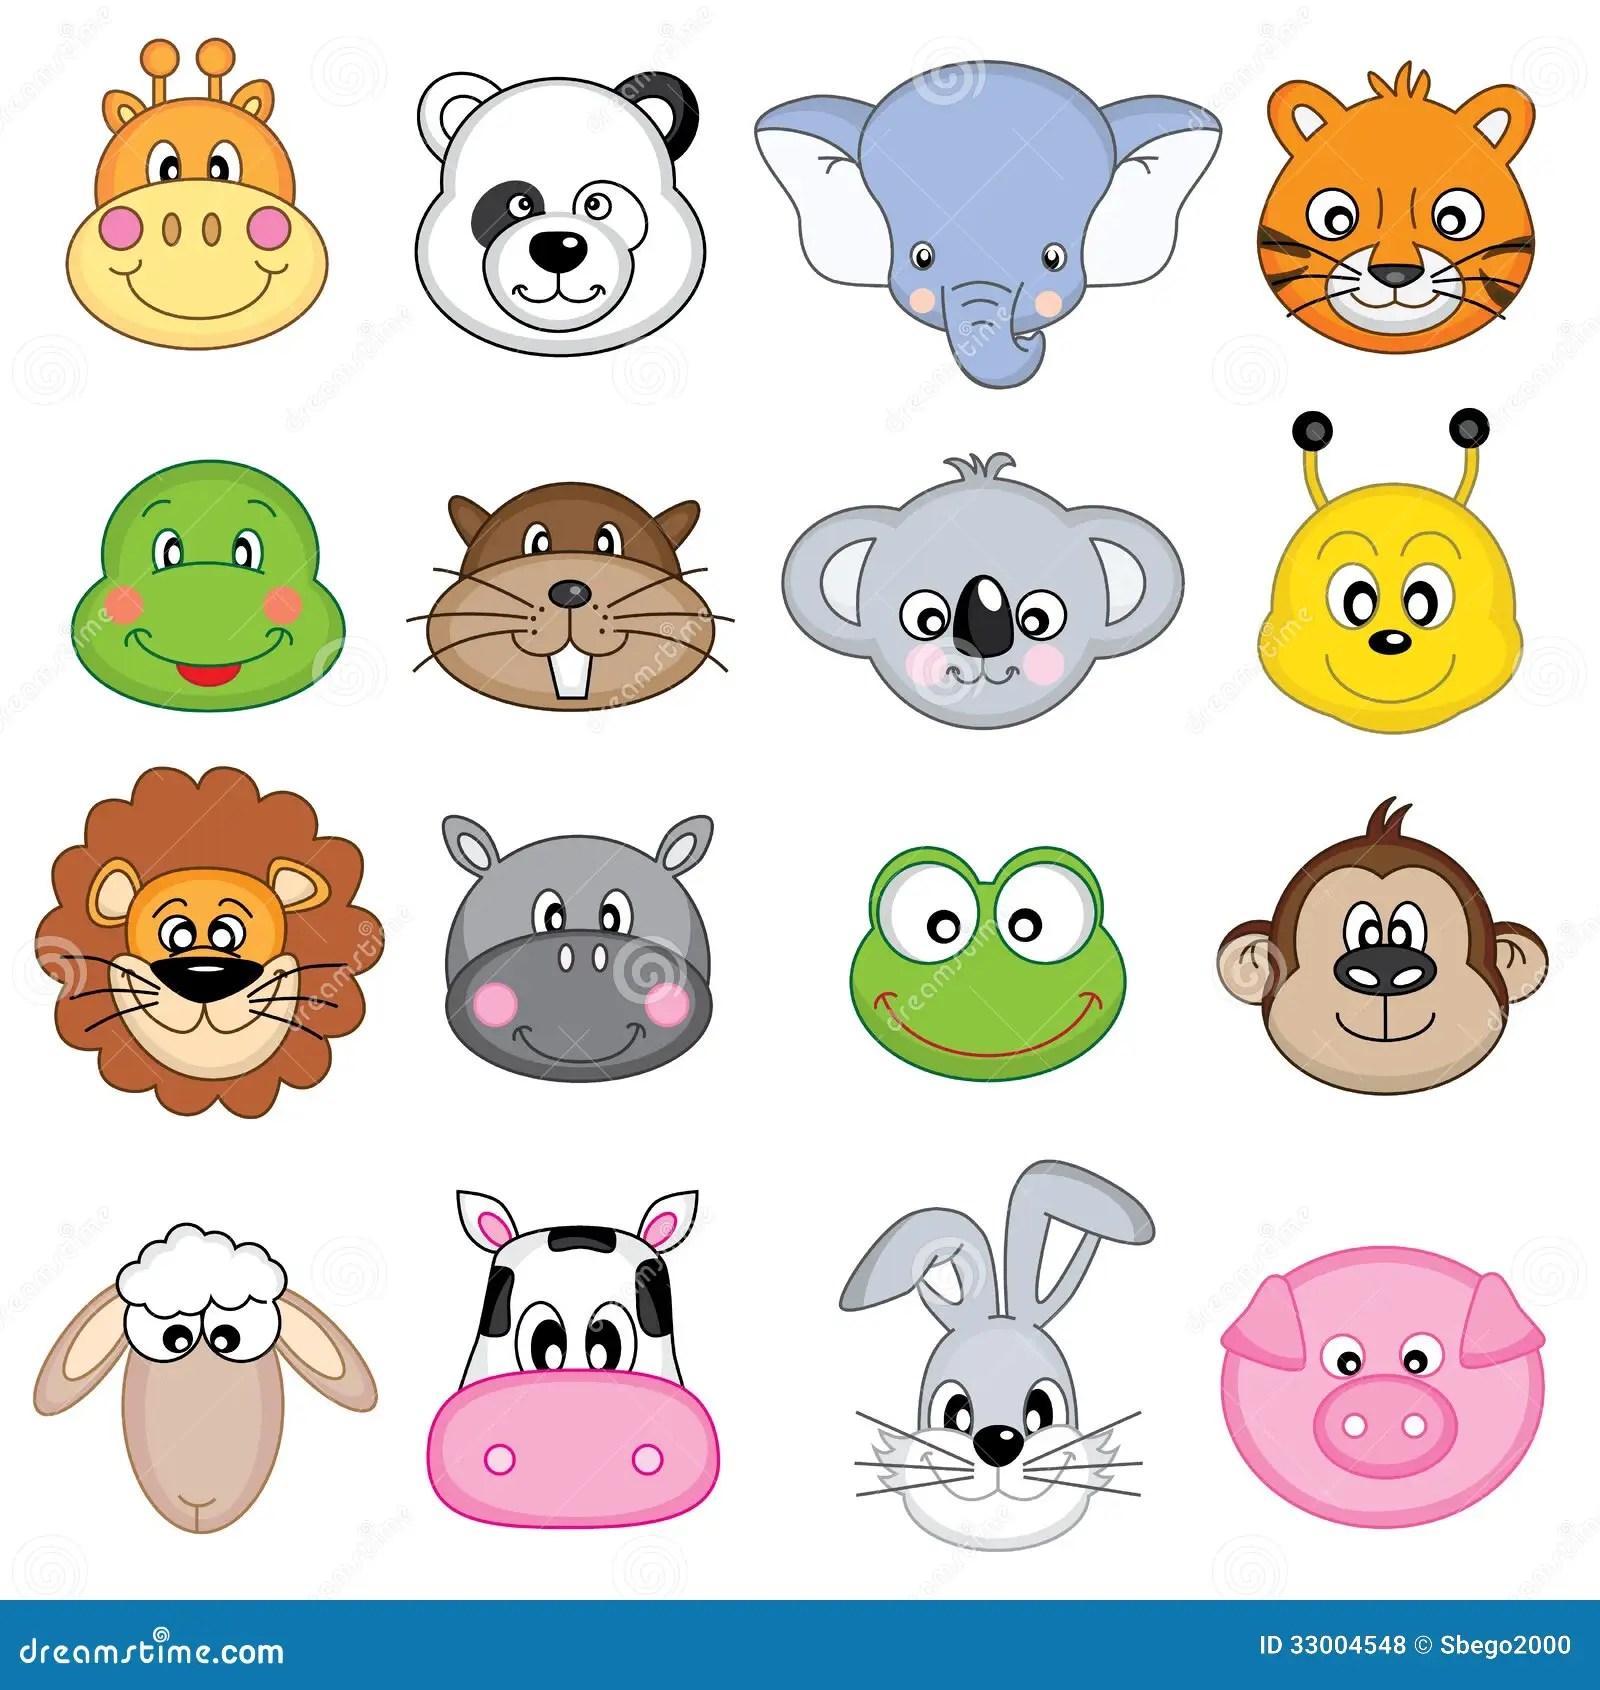 Elephant Mammals Worksheet